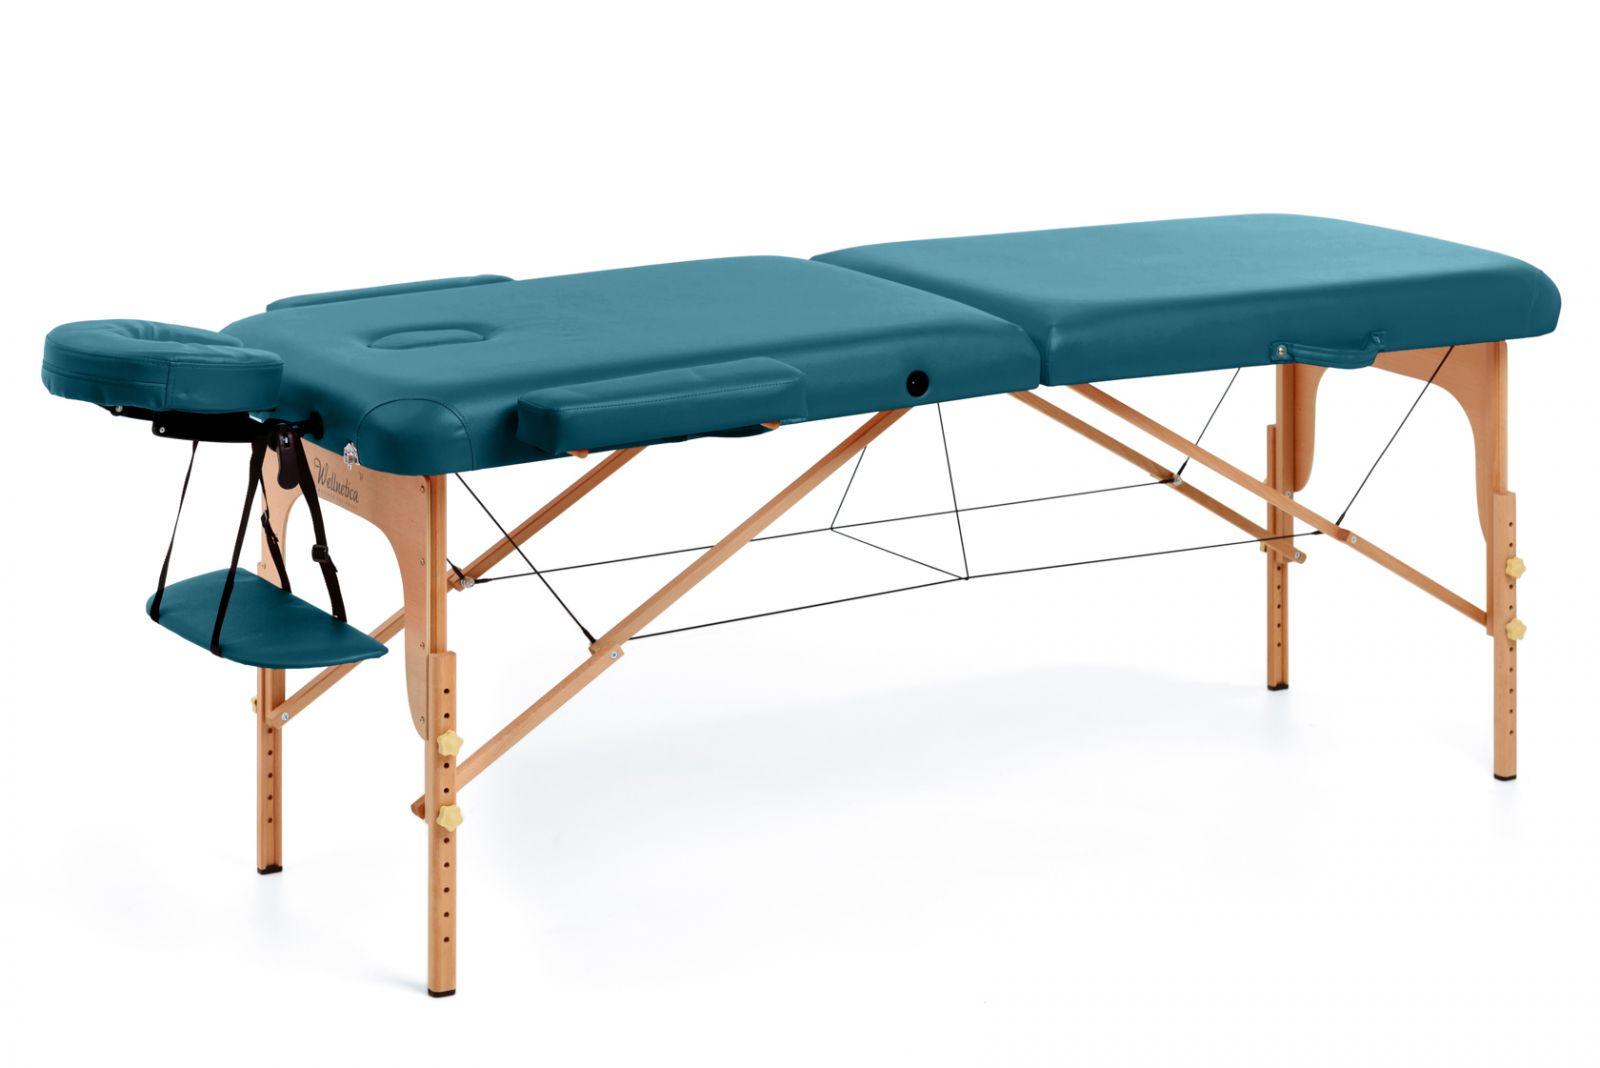 stol-za-masazu-libera-zelena